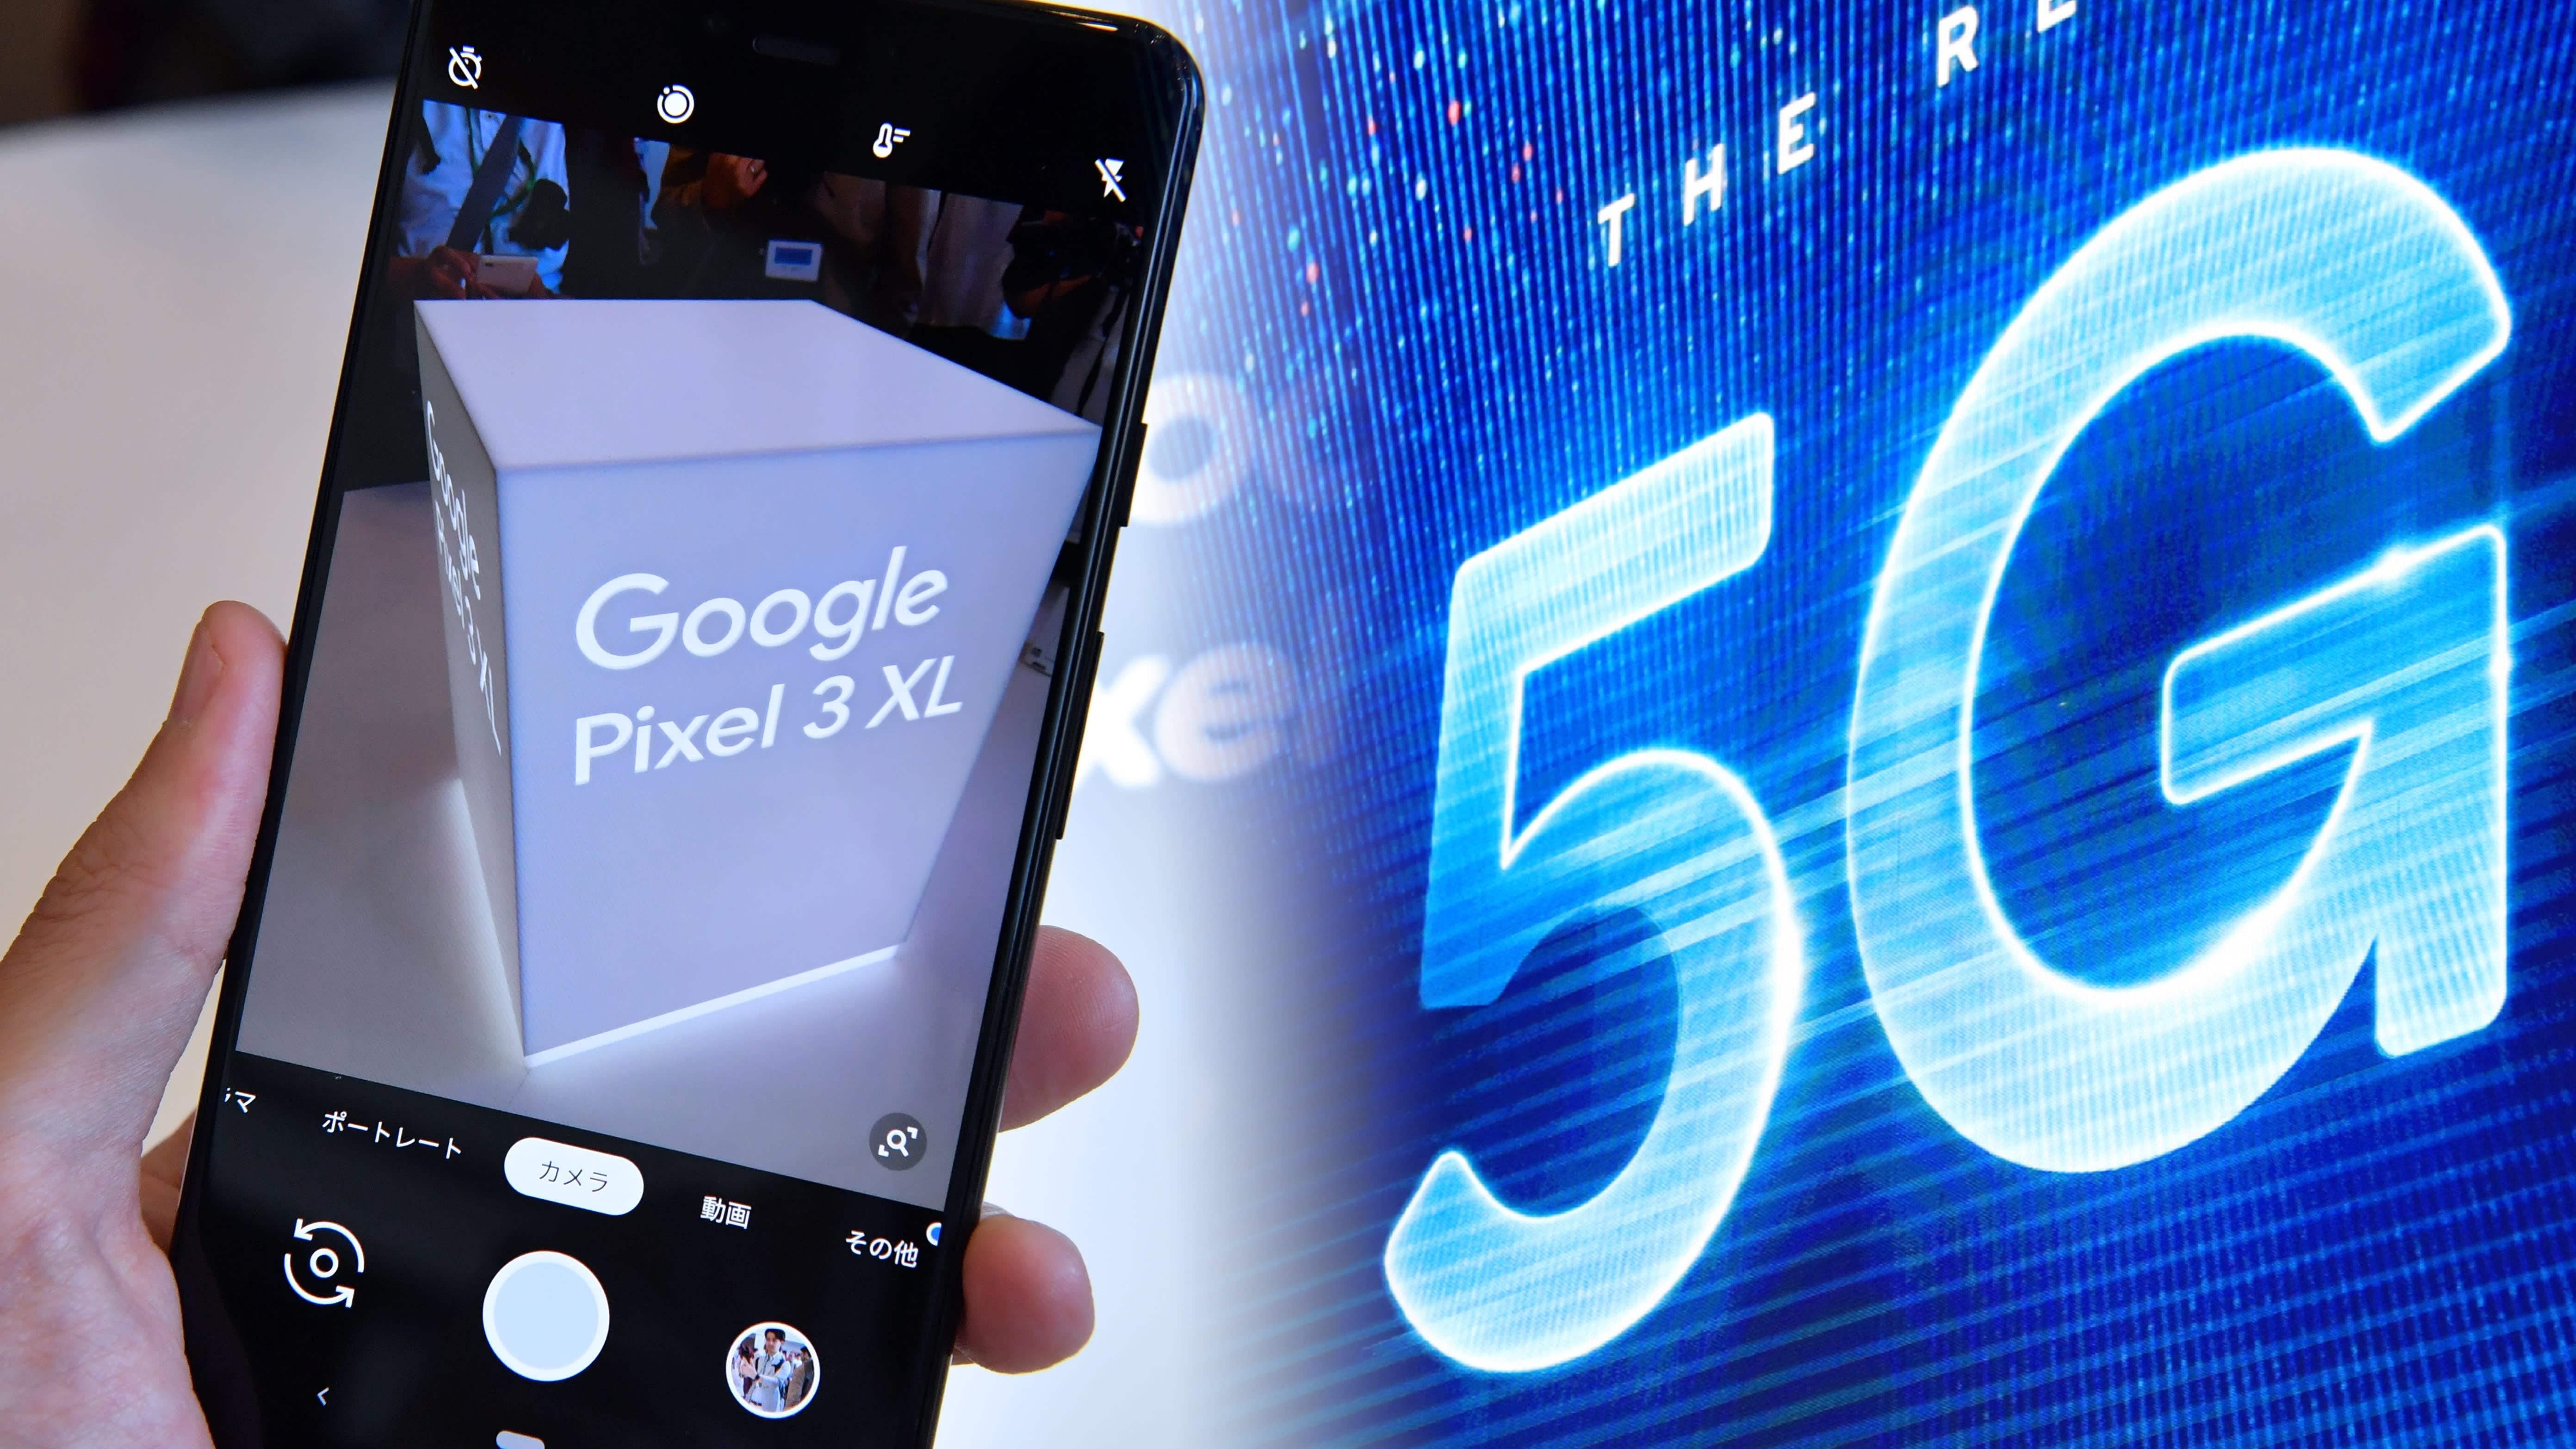 الهاتف الجديد هو نسخة من الهاتف بيكسل 4 إيه والهاتف الجديد بيكسل 5